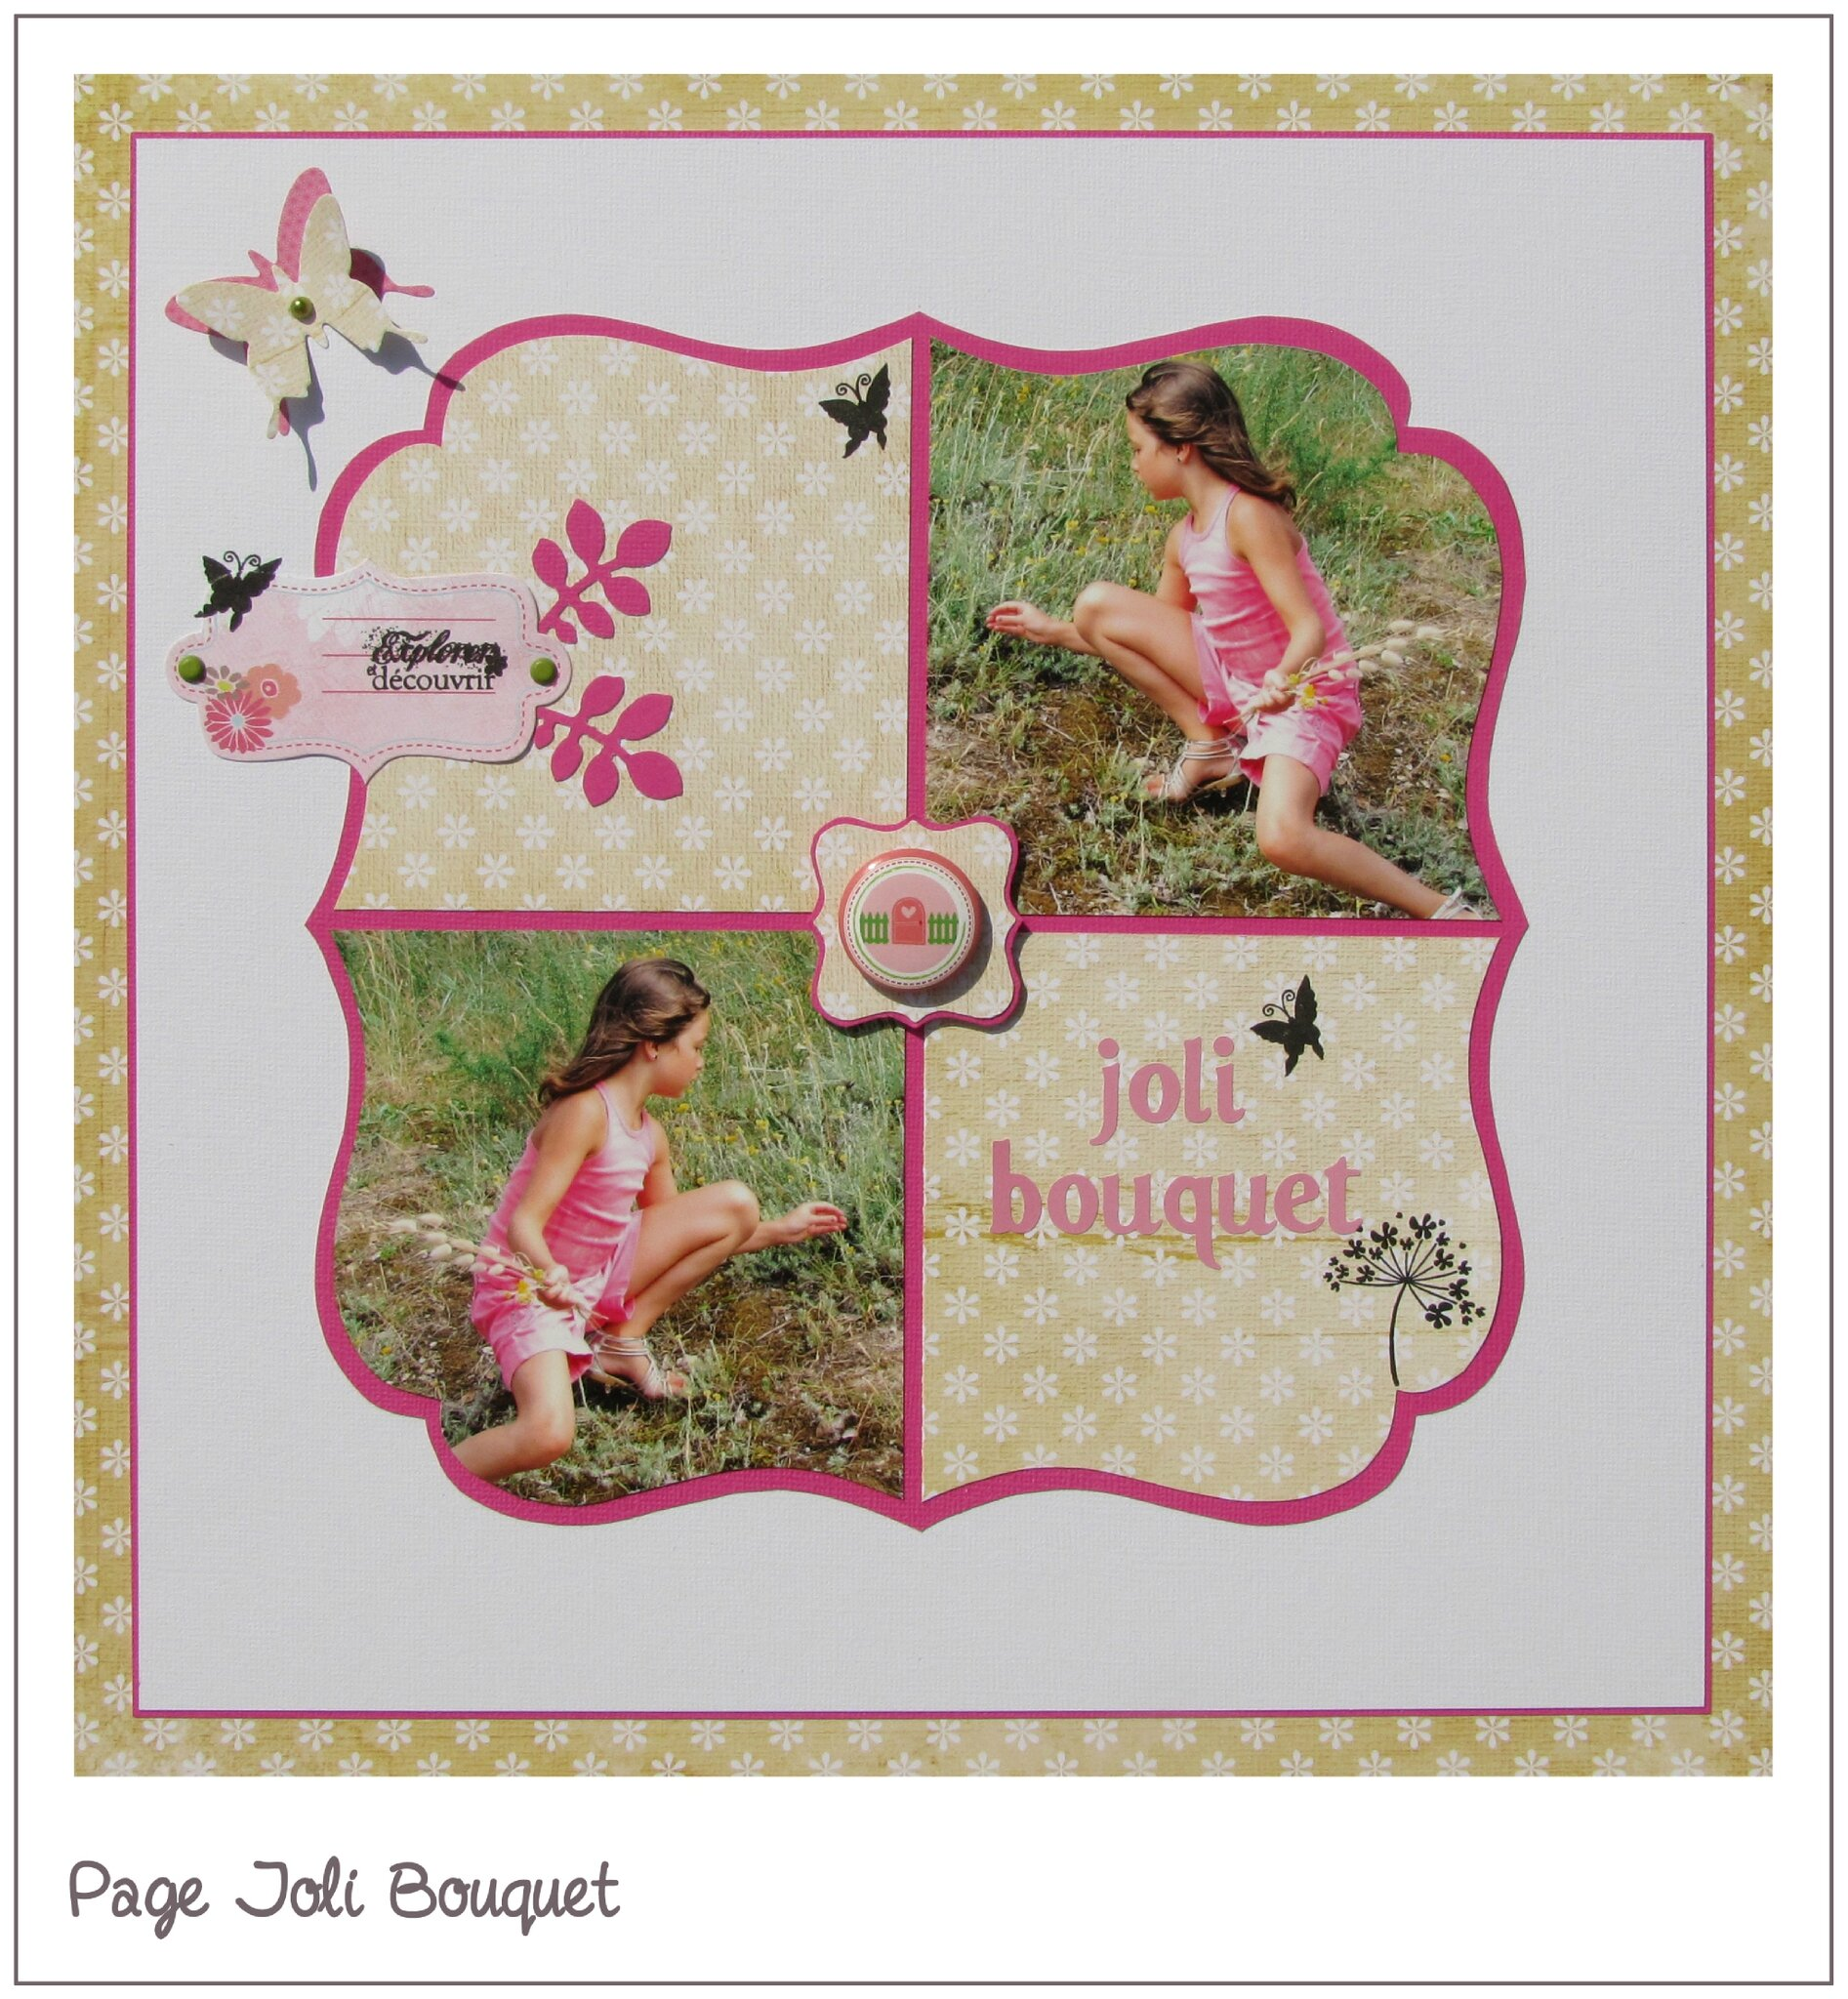 46 - 010913 - Joli bouquet